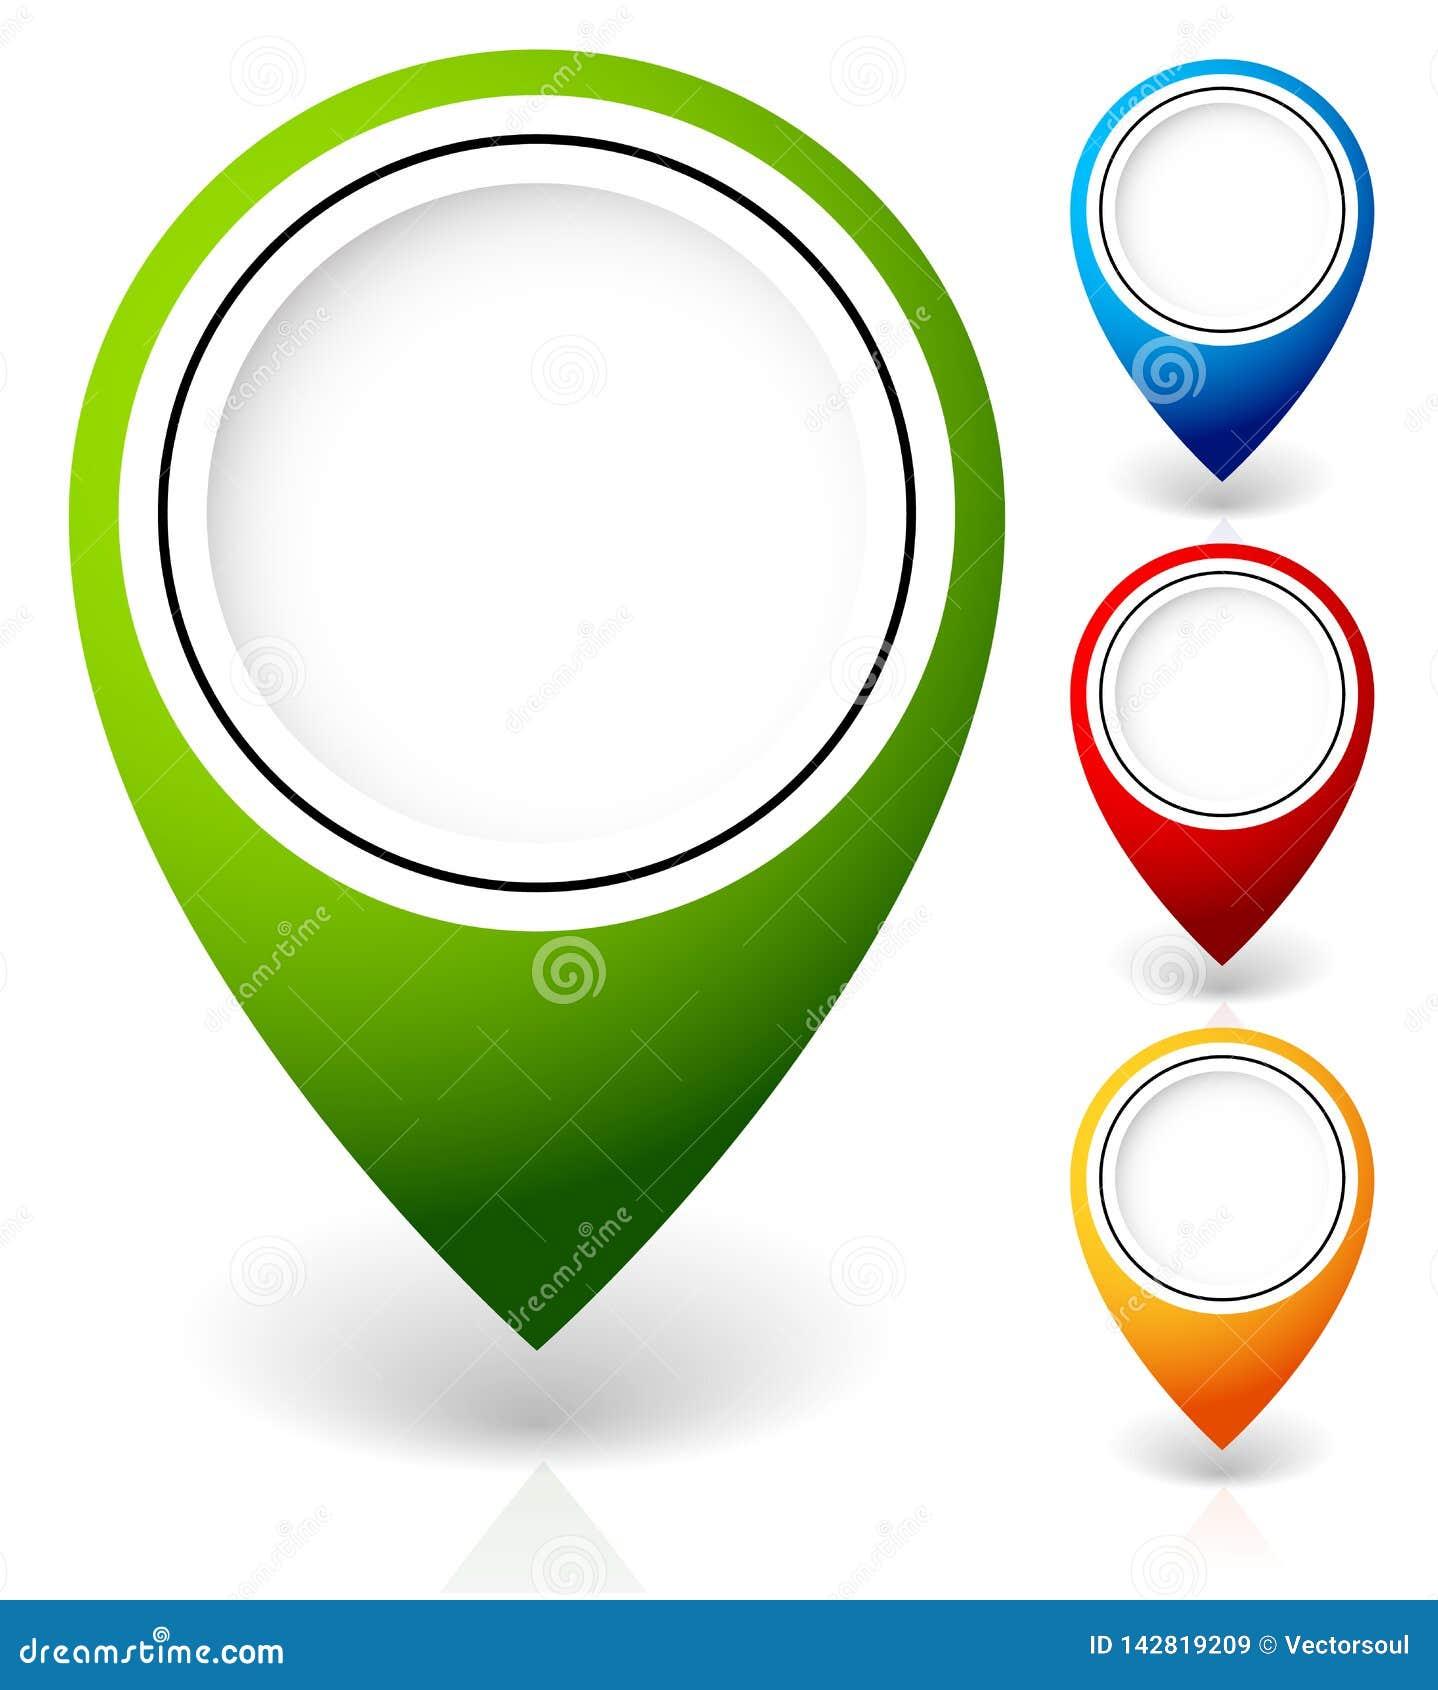 Установите отметок карты вектора, с различными цветами